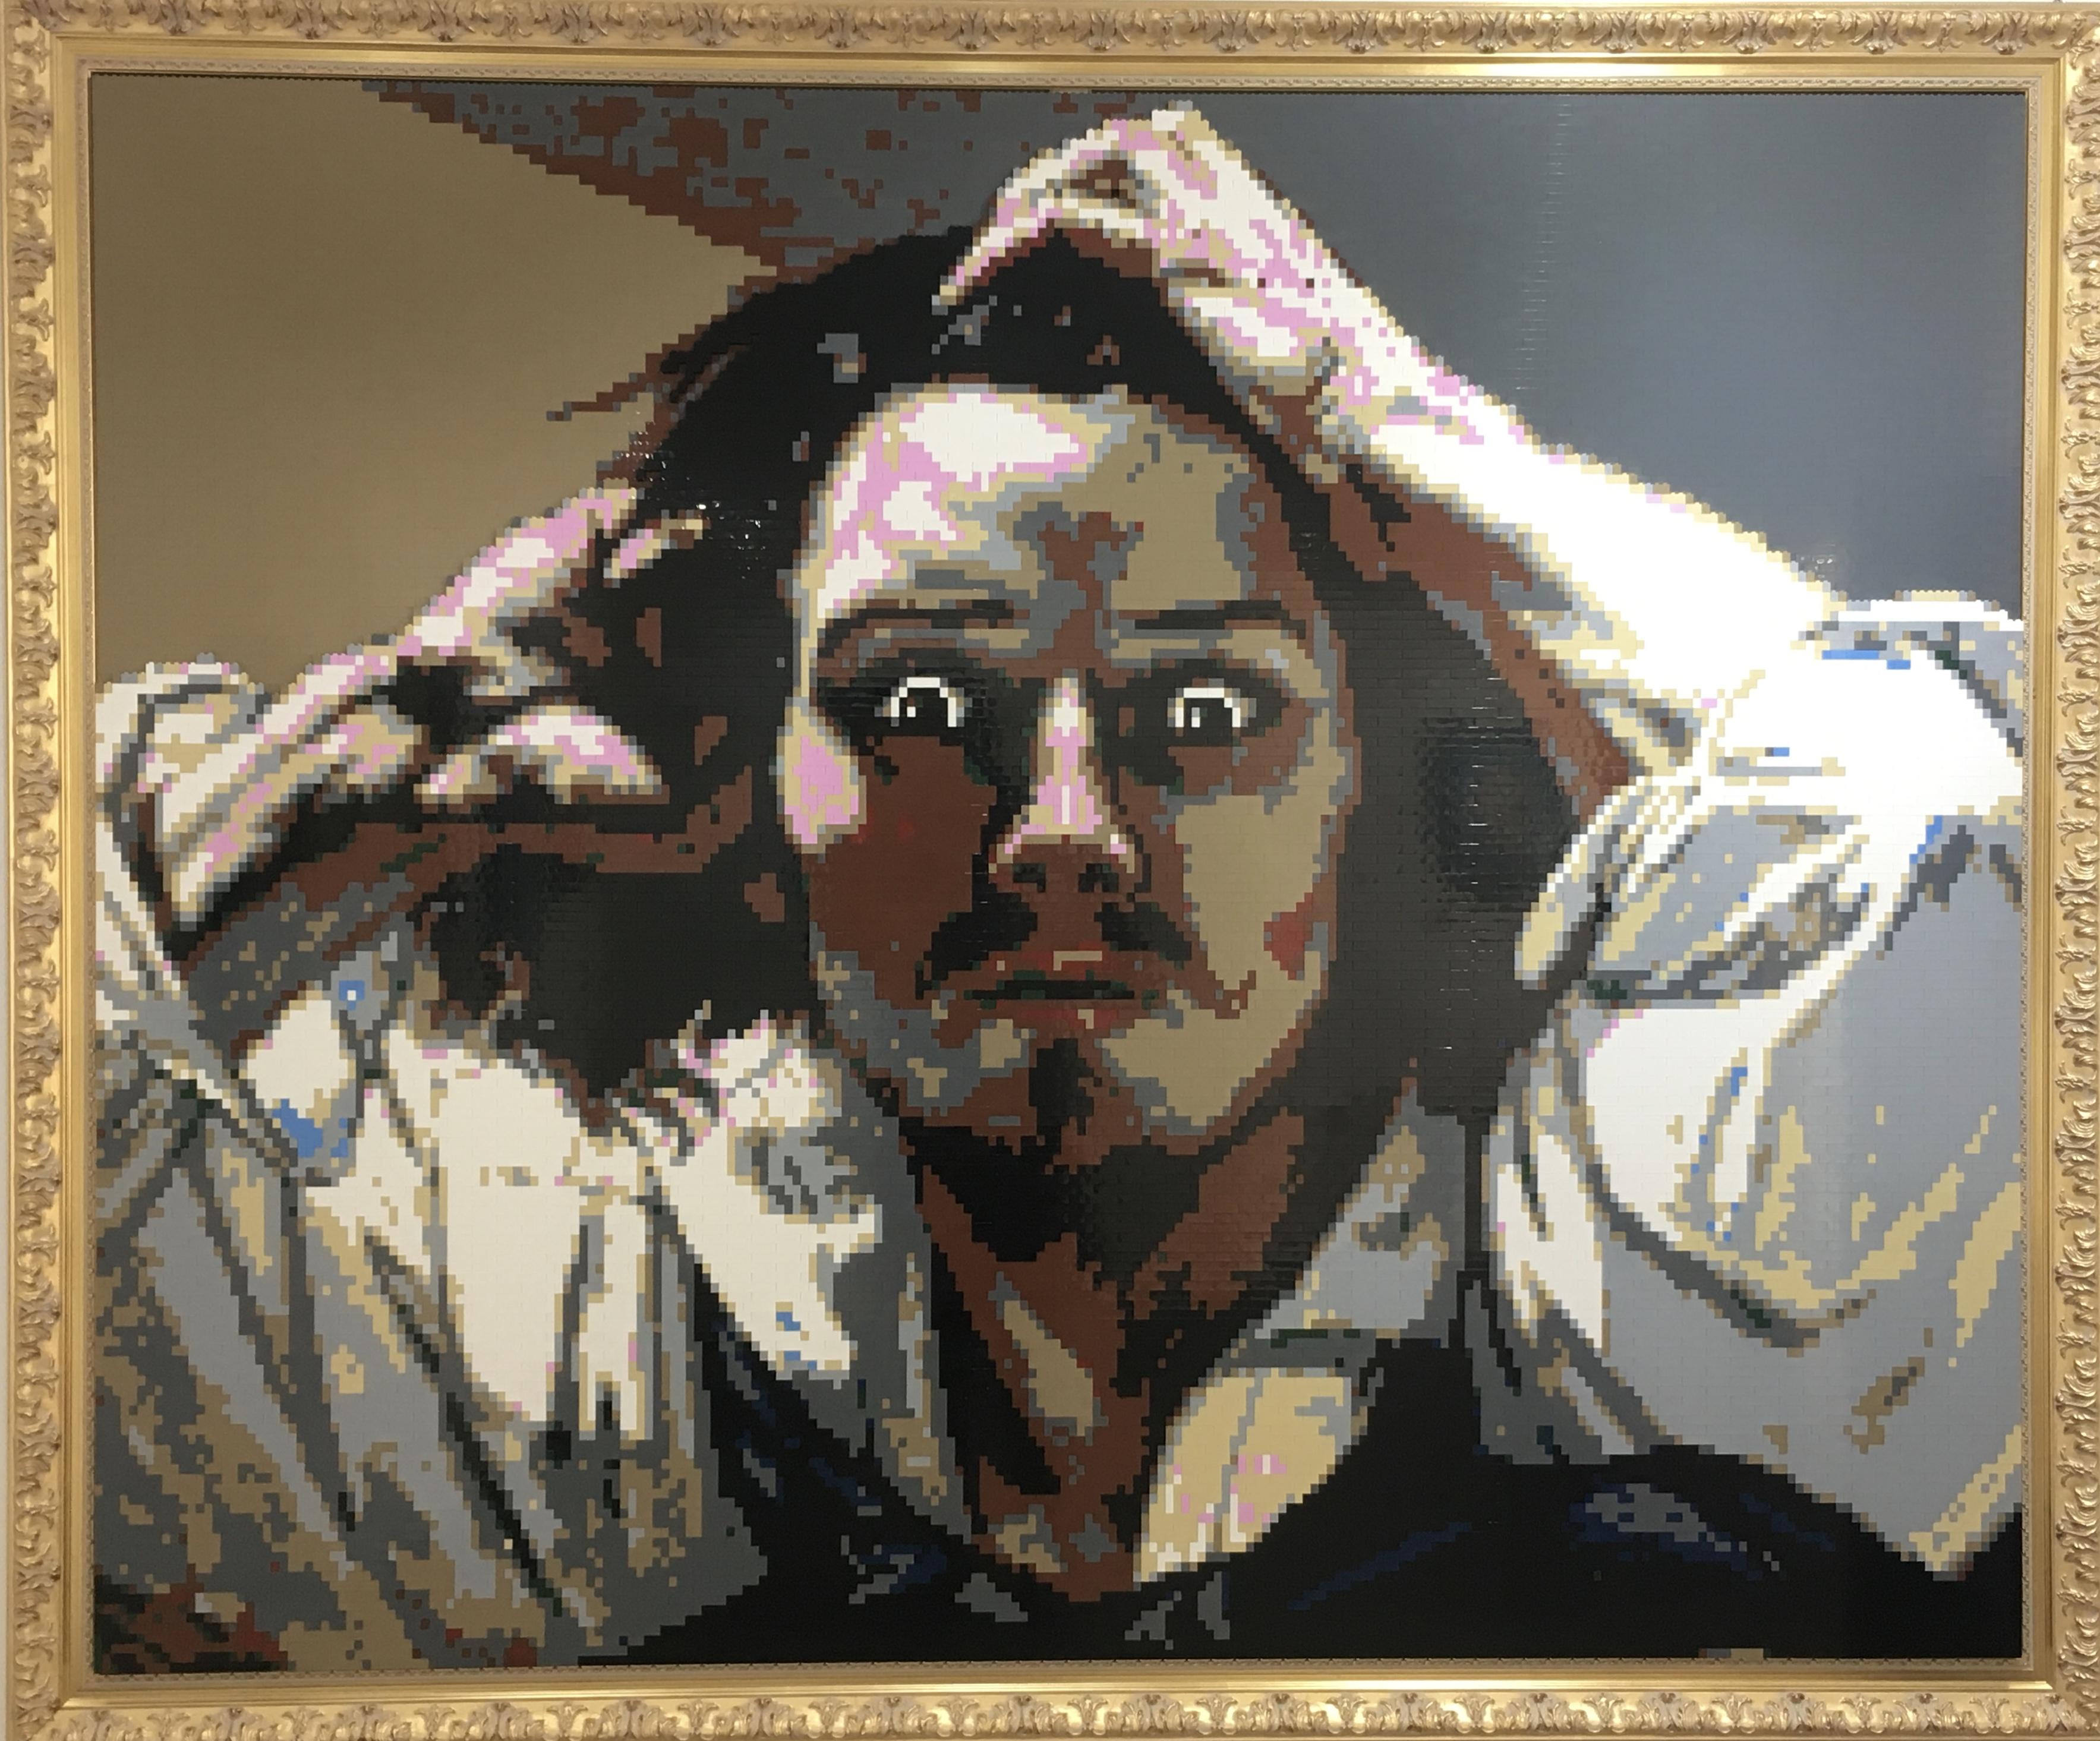 Le Désespéré en hommage à Gustave Courbet, 190_160, Ymas Design